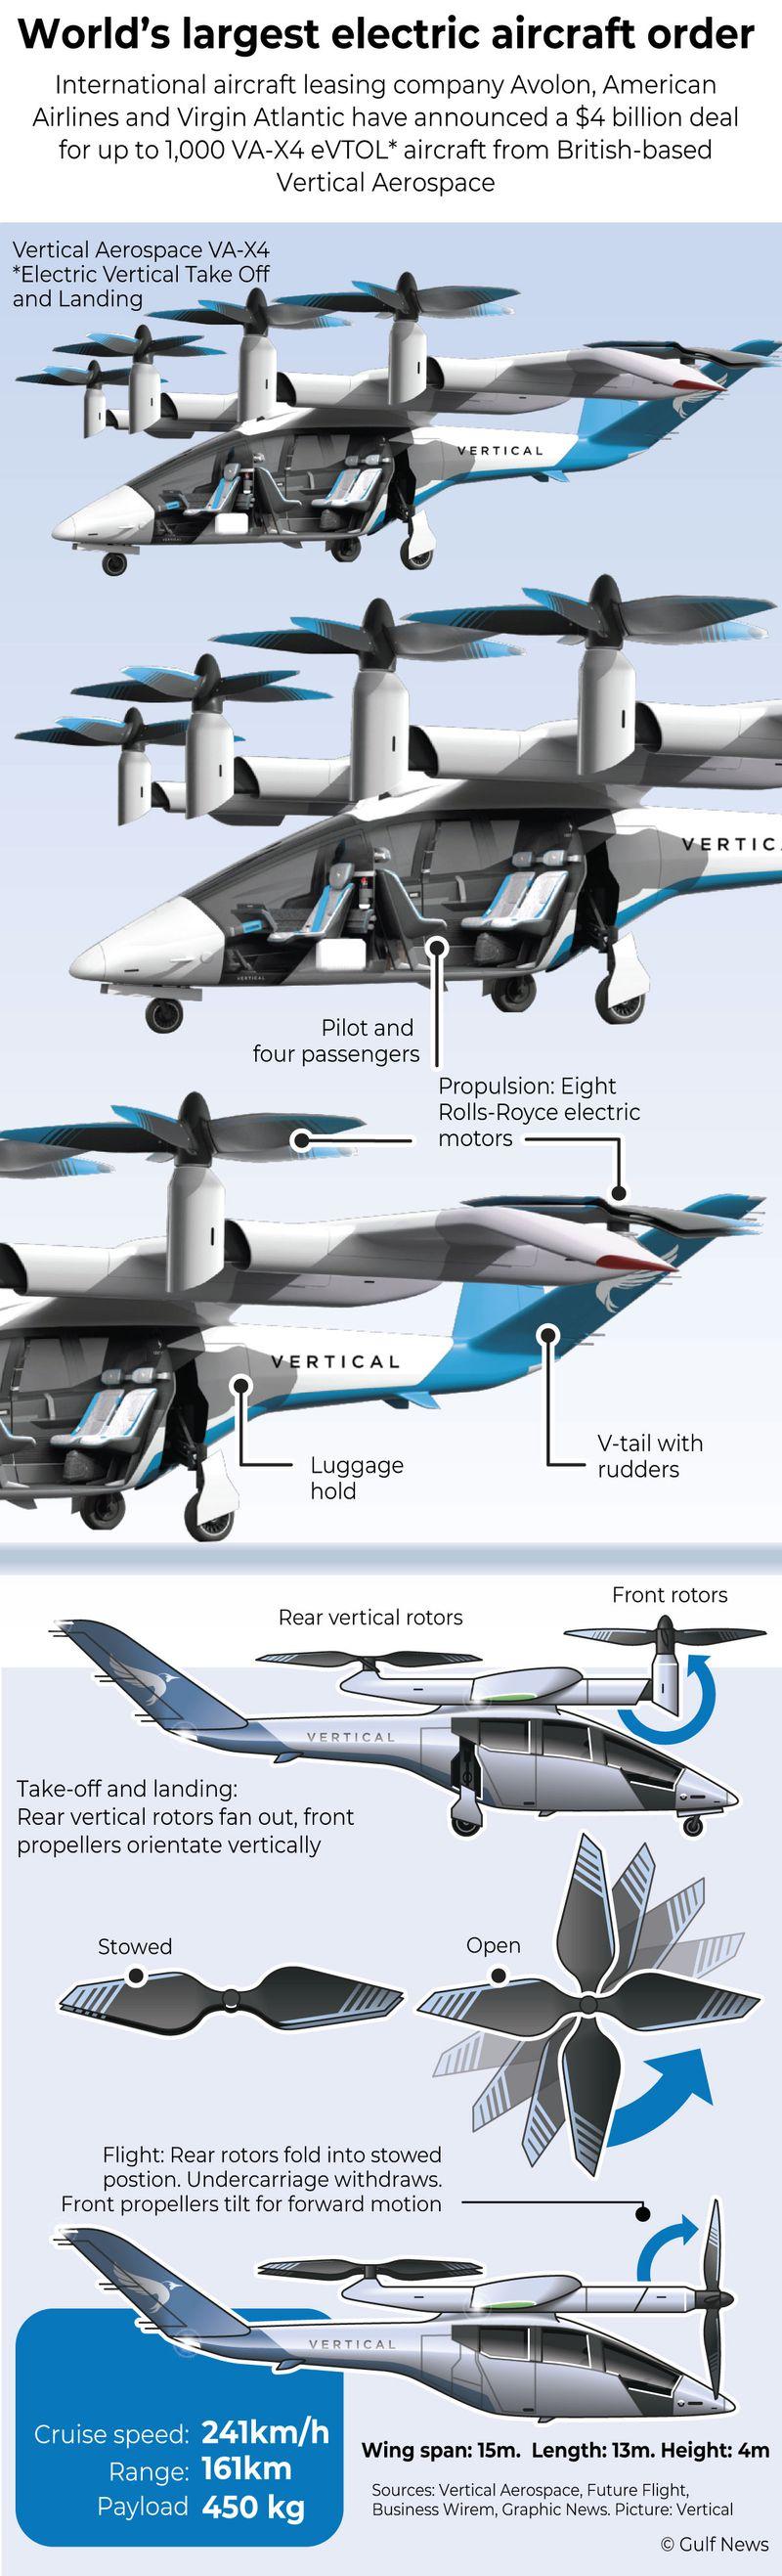 Vertical Aerospace's VA-X4 aircraft